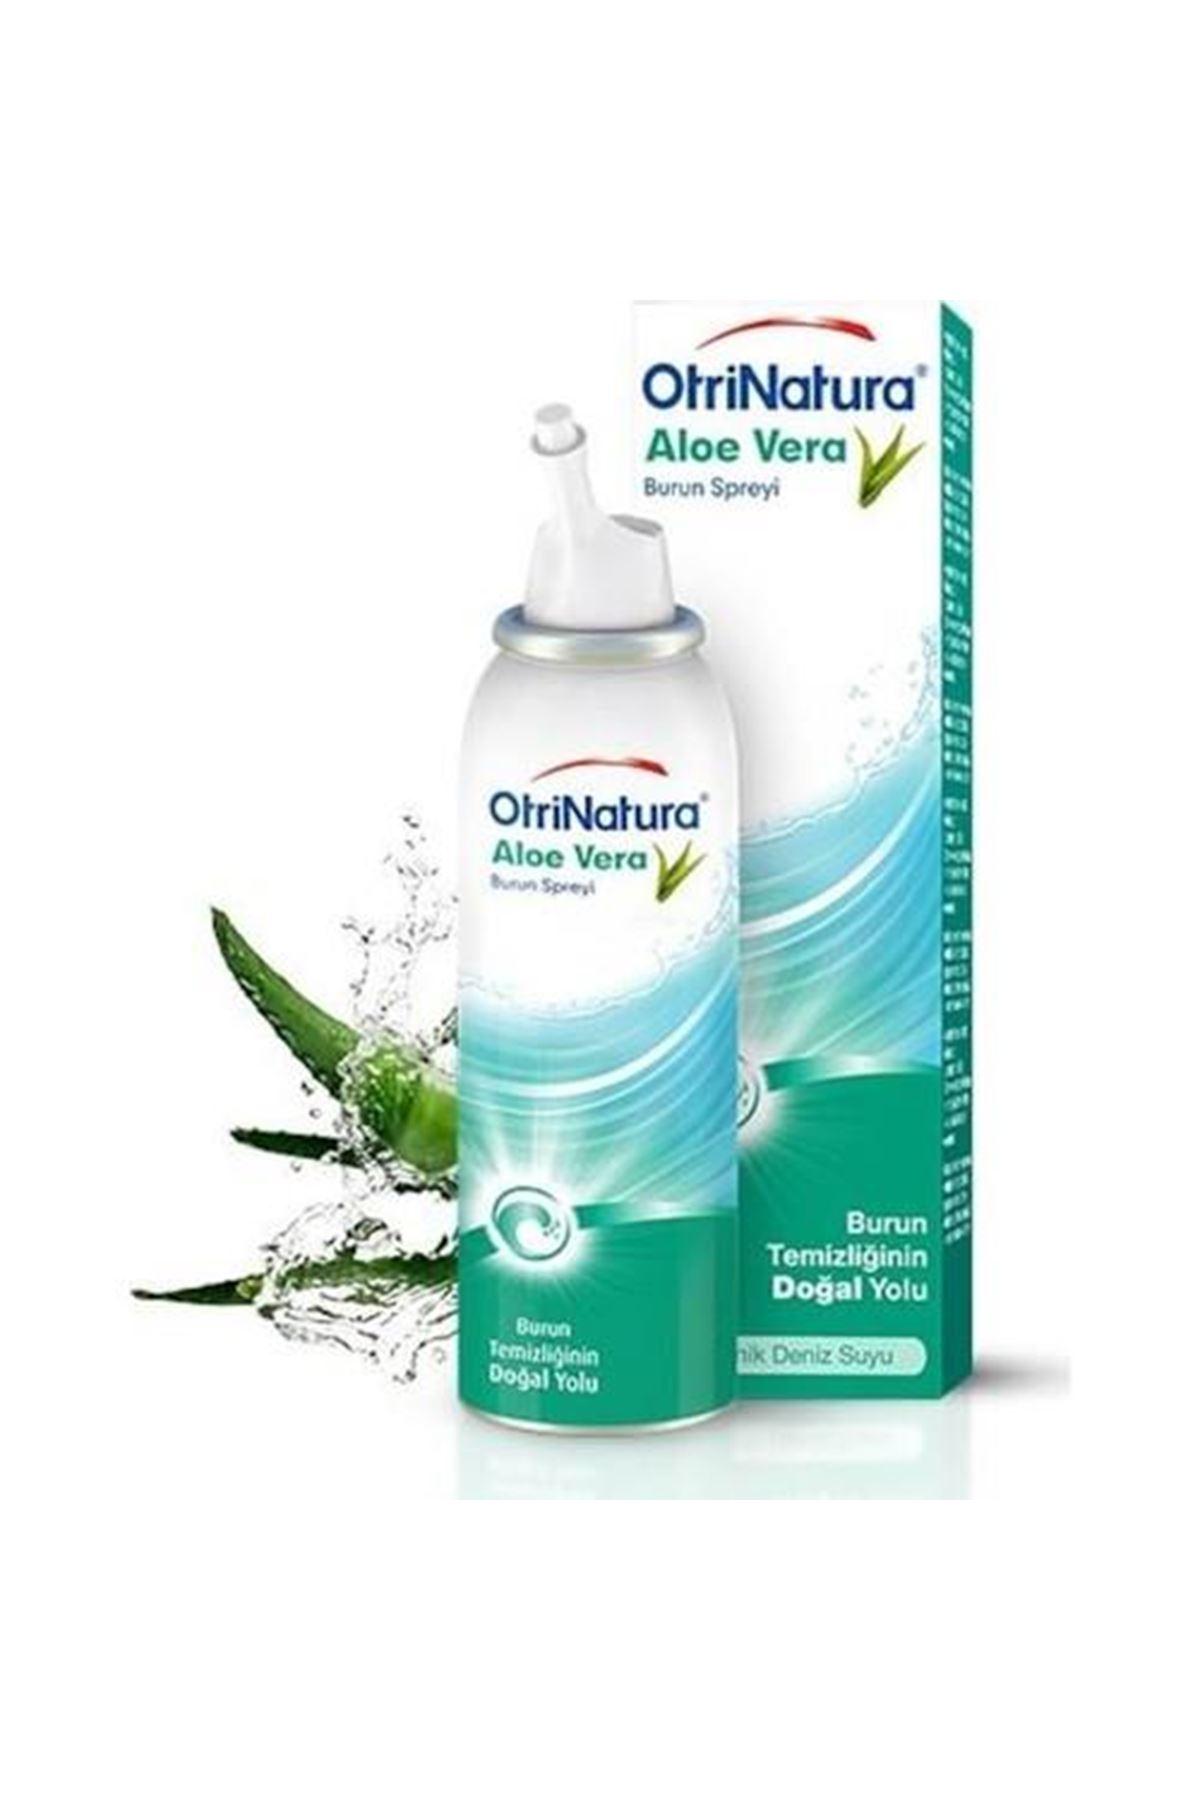 Otrinatura Aloe Vera Burun Spreyi 100 ml